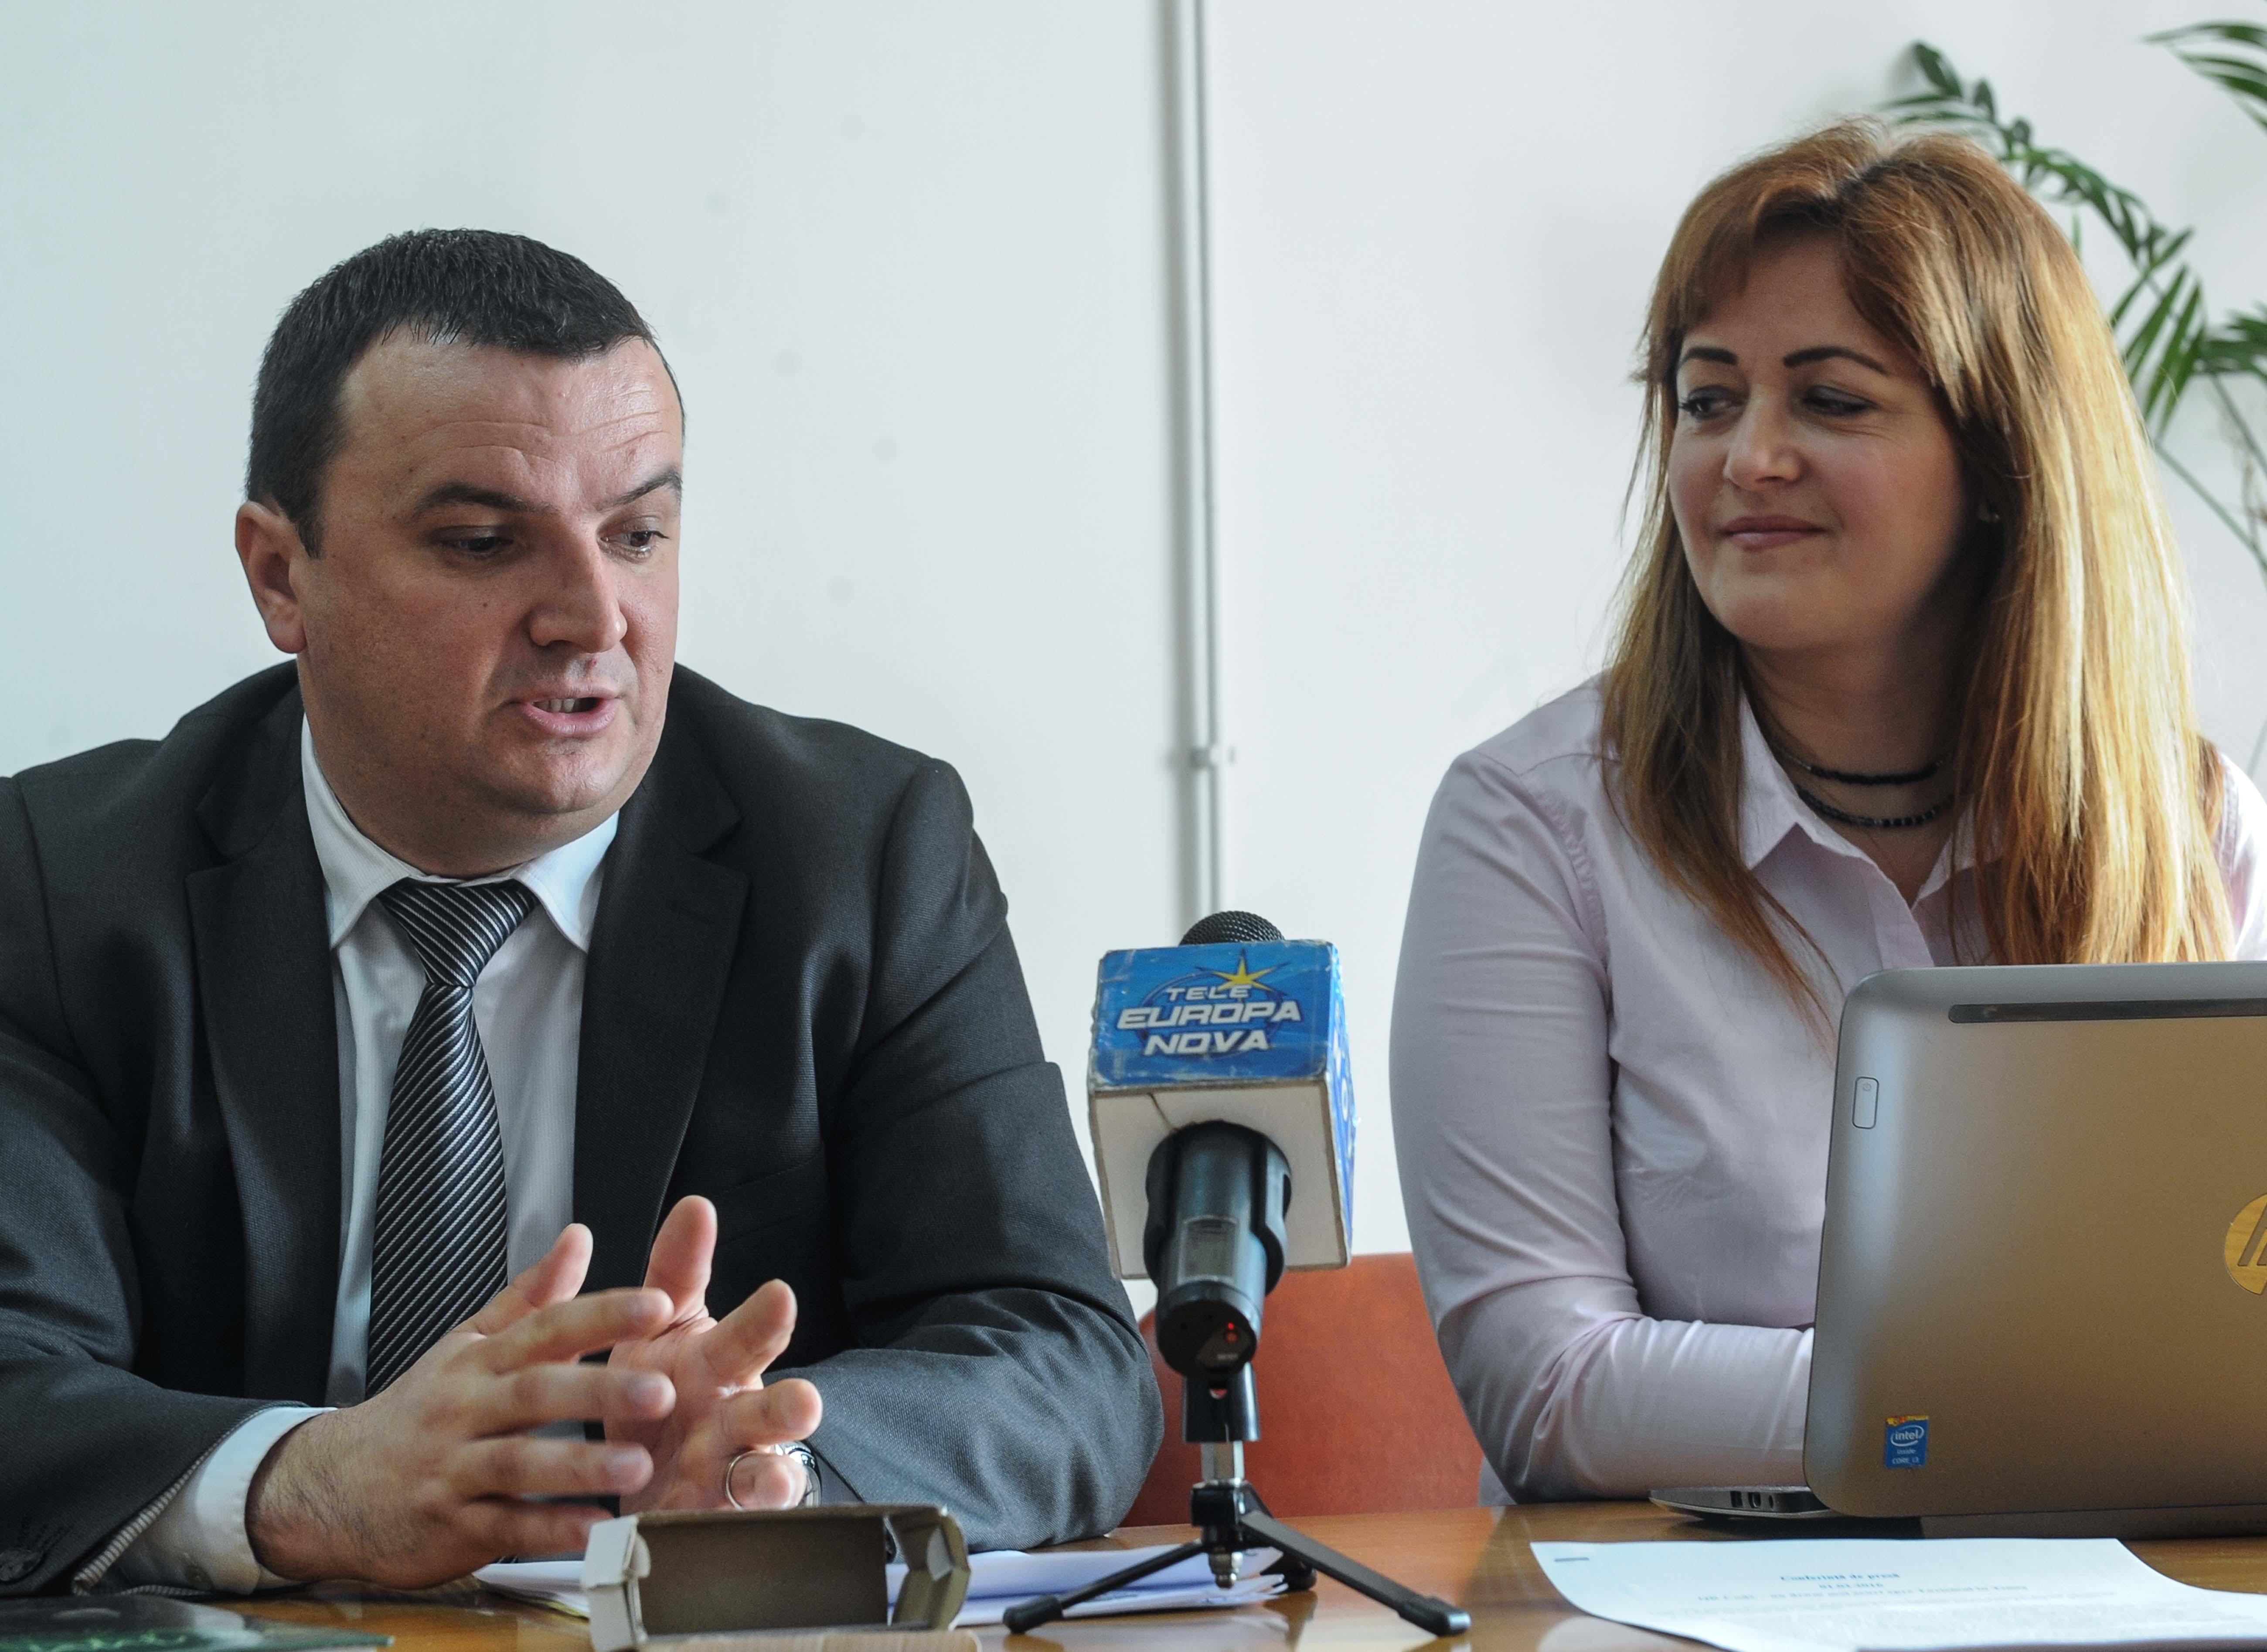 calin-dobra-vicepresedinte-cjt-delia-barbu-director-executiv-apd-timis-0402